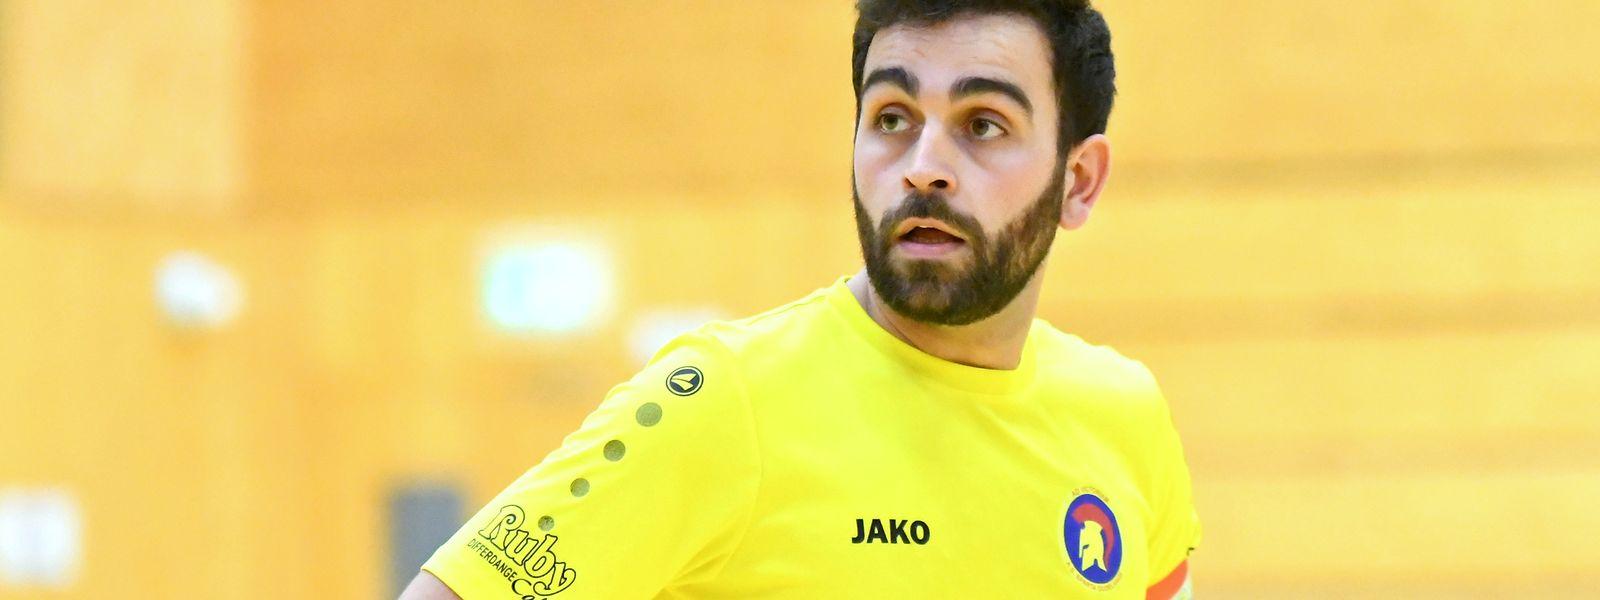 Nuno Rodrigues, le capitaine de AS Sparta Dudelange, croit dans les chances de ses couleurs face au redoutable FC Differdange 03